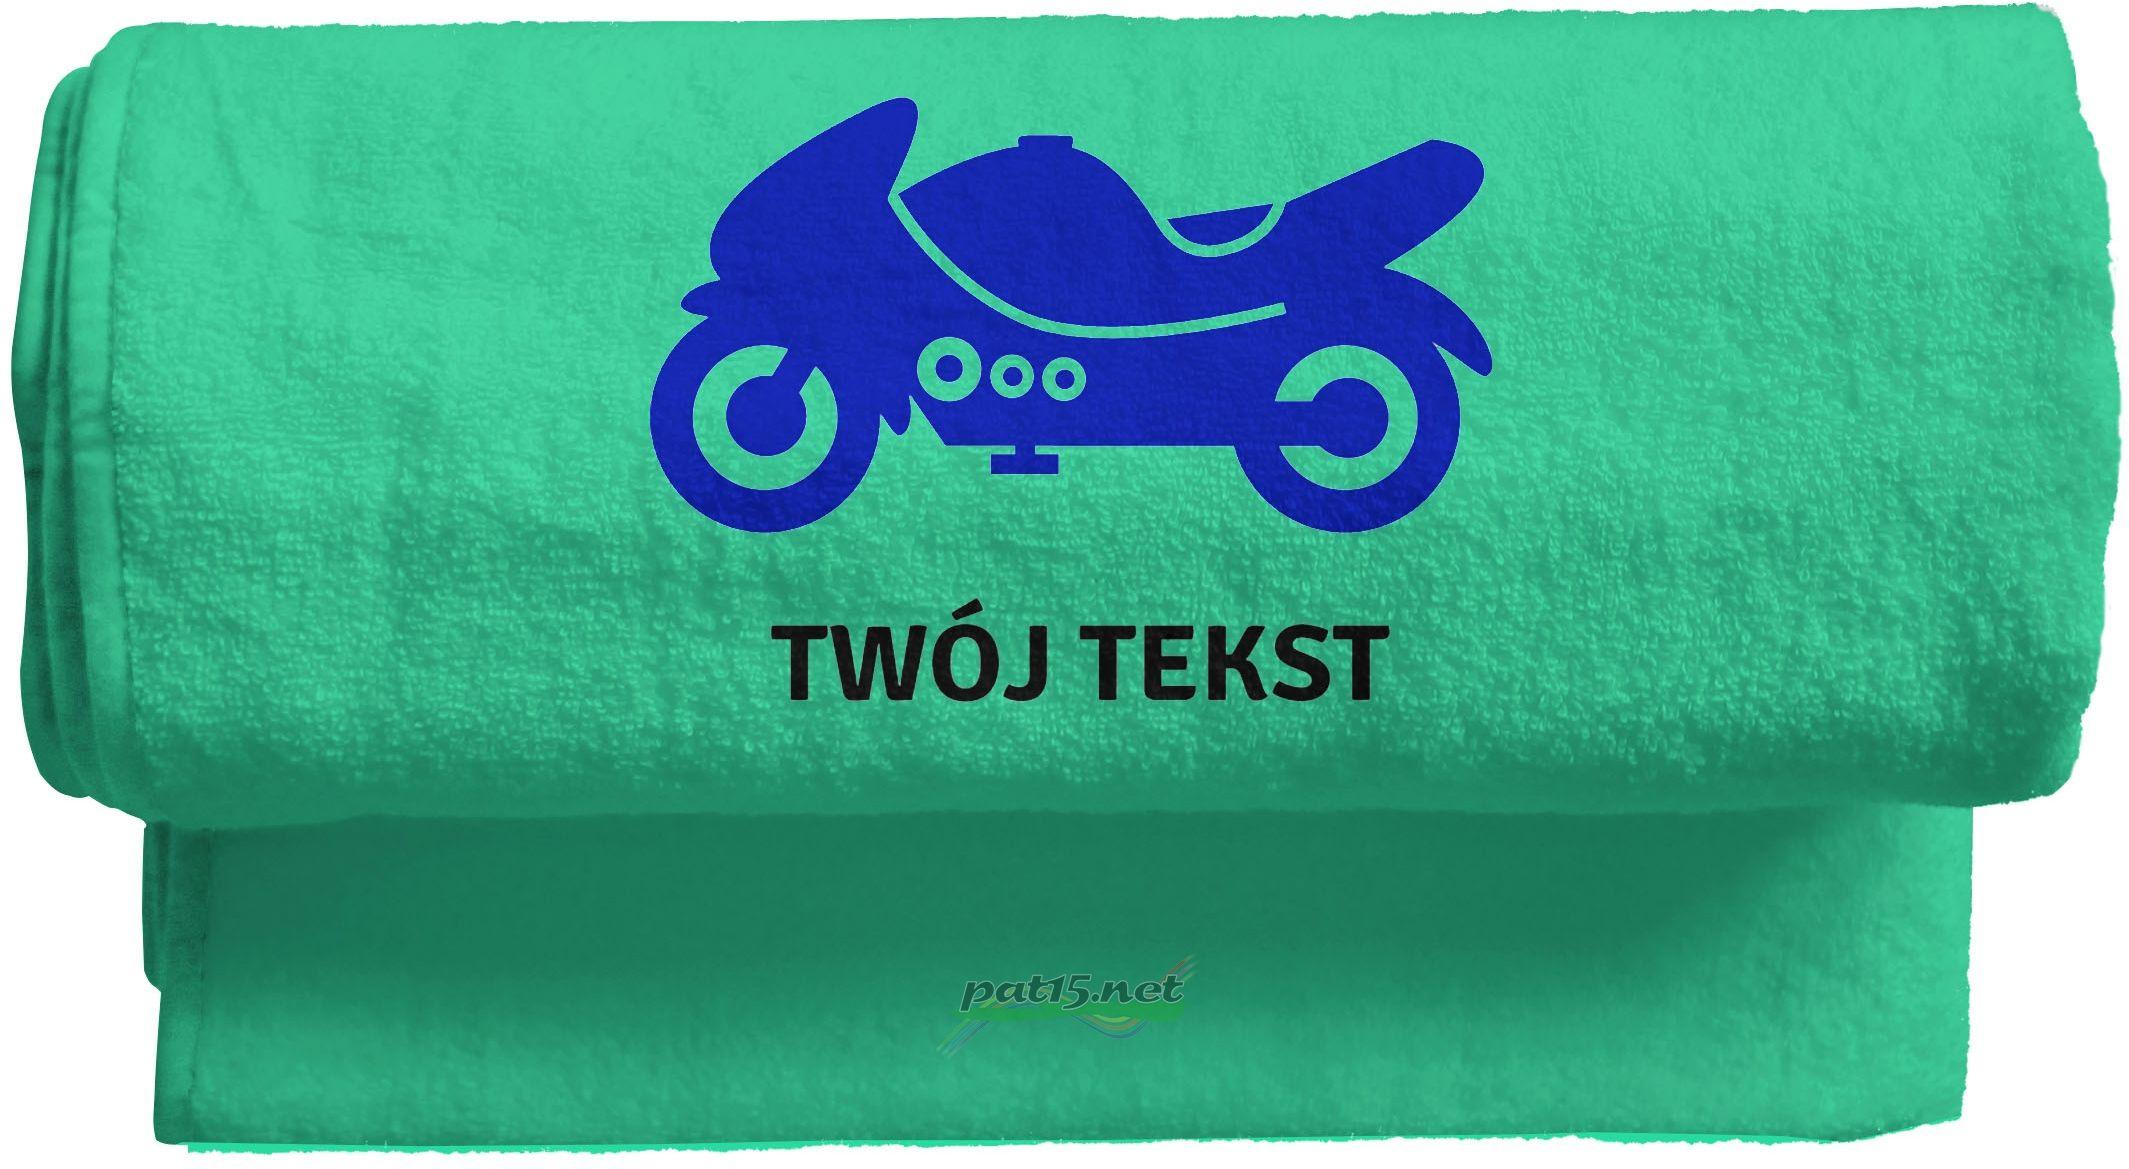 Duży Ręcznik 140x70 z haftem + tekst - Wzór 11